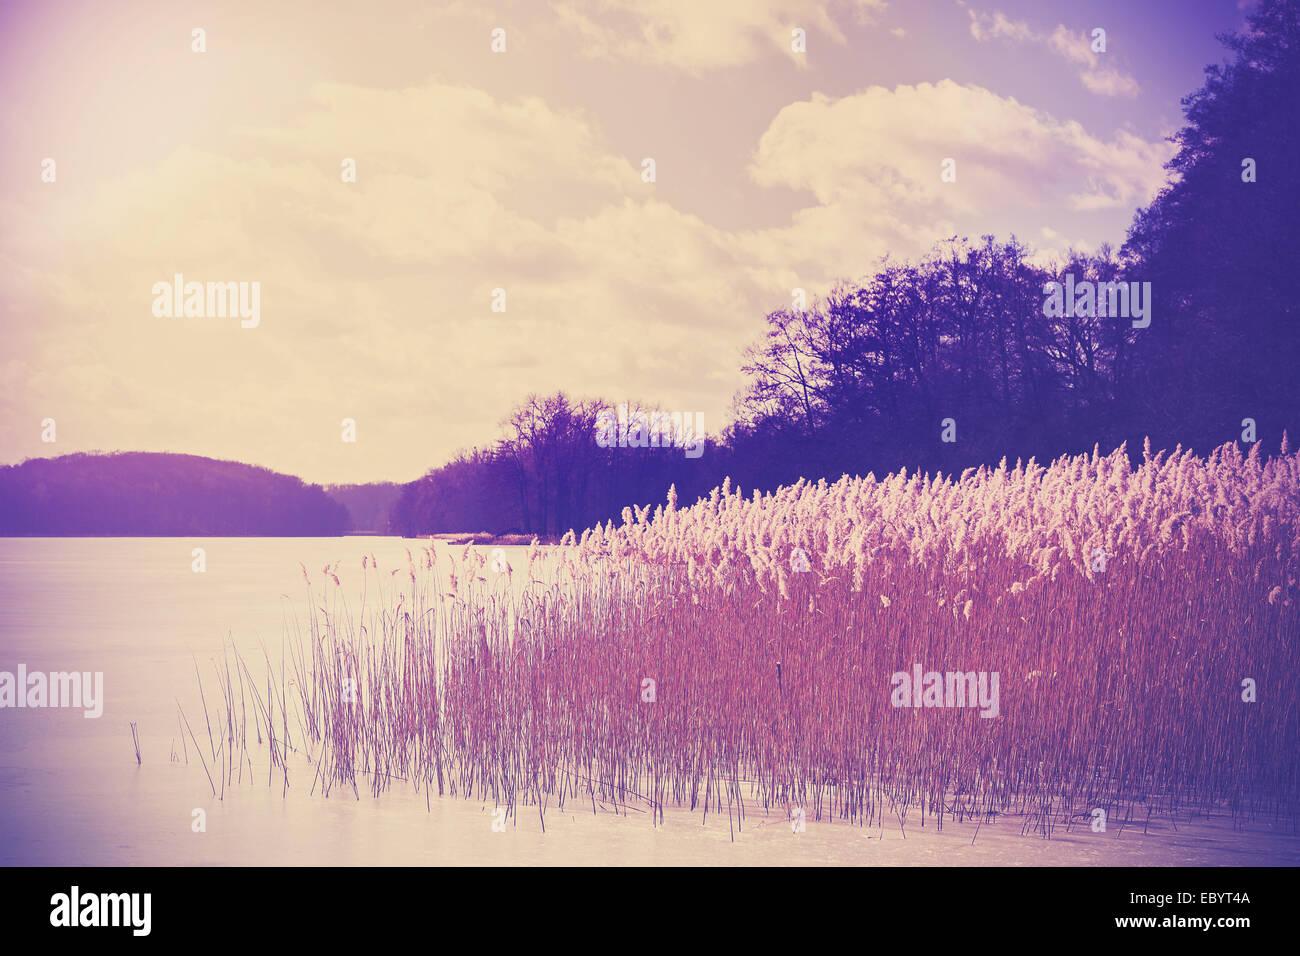 Vintage retrò immagine dai toni del lago d'inverno. Immagini Stock